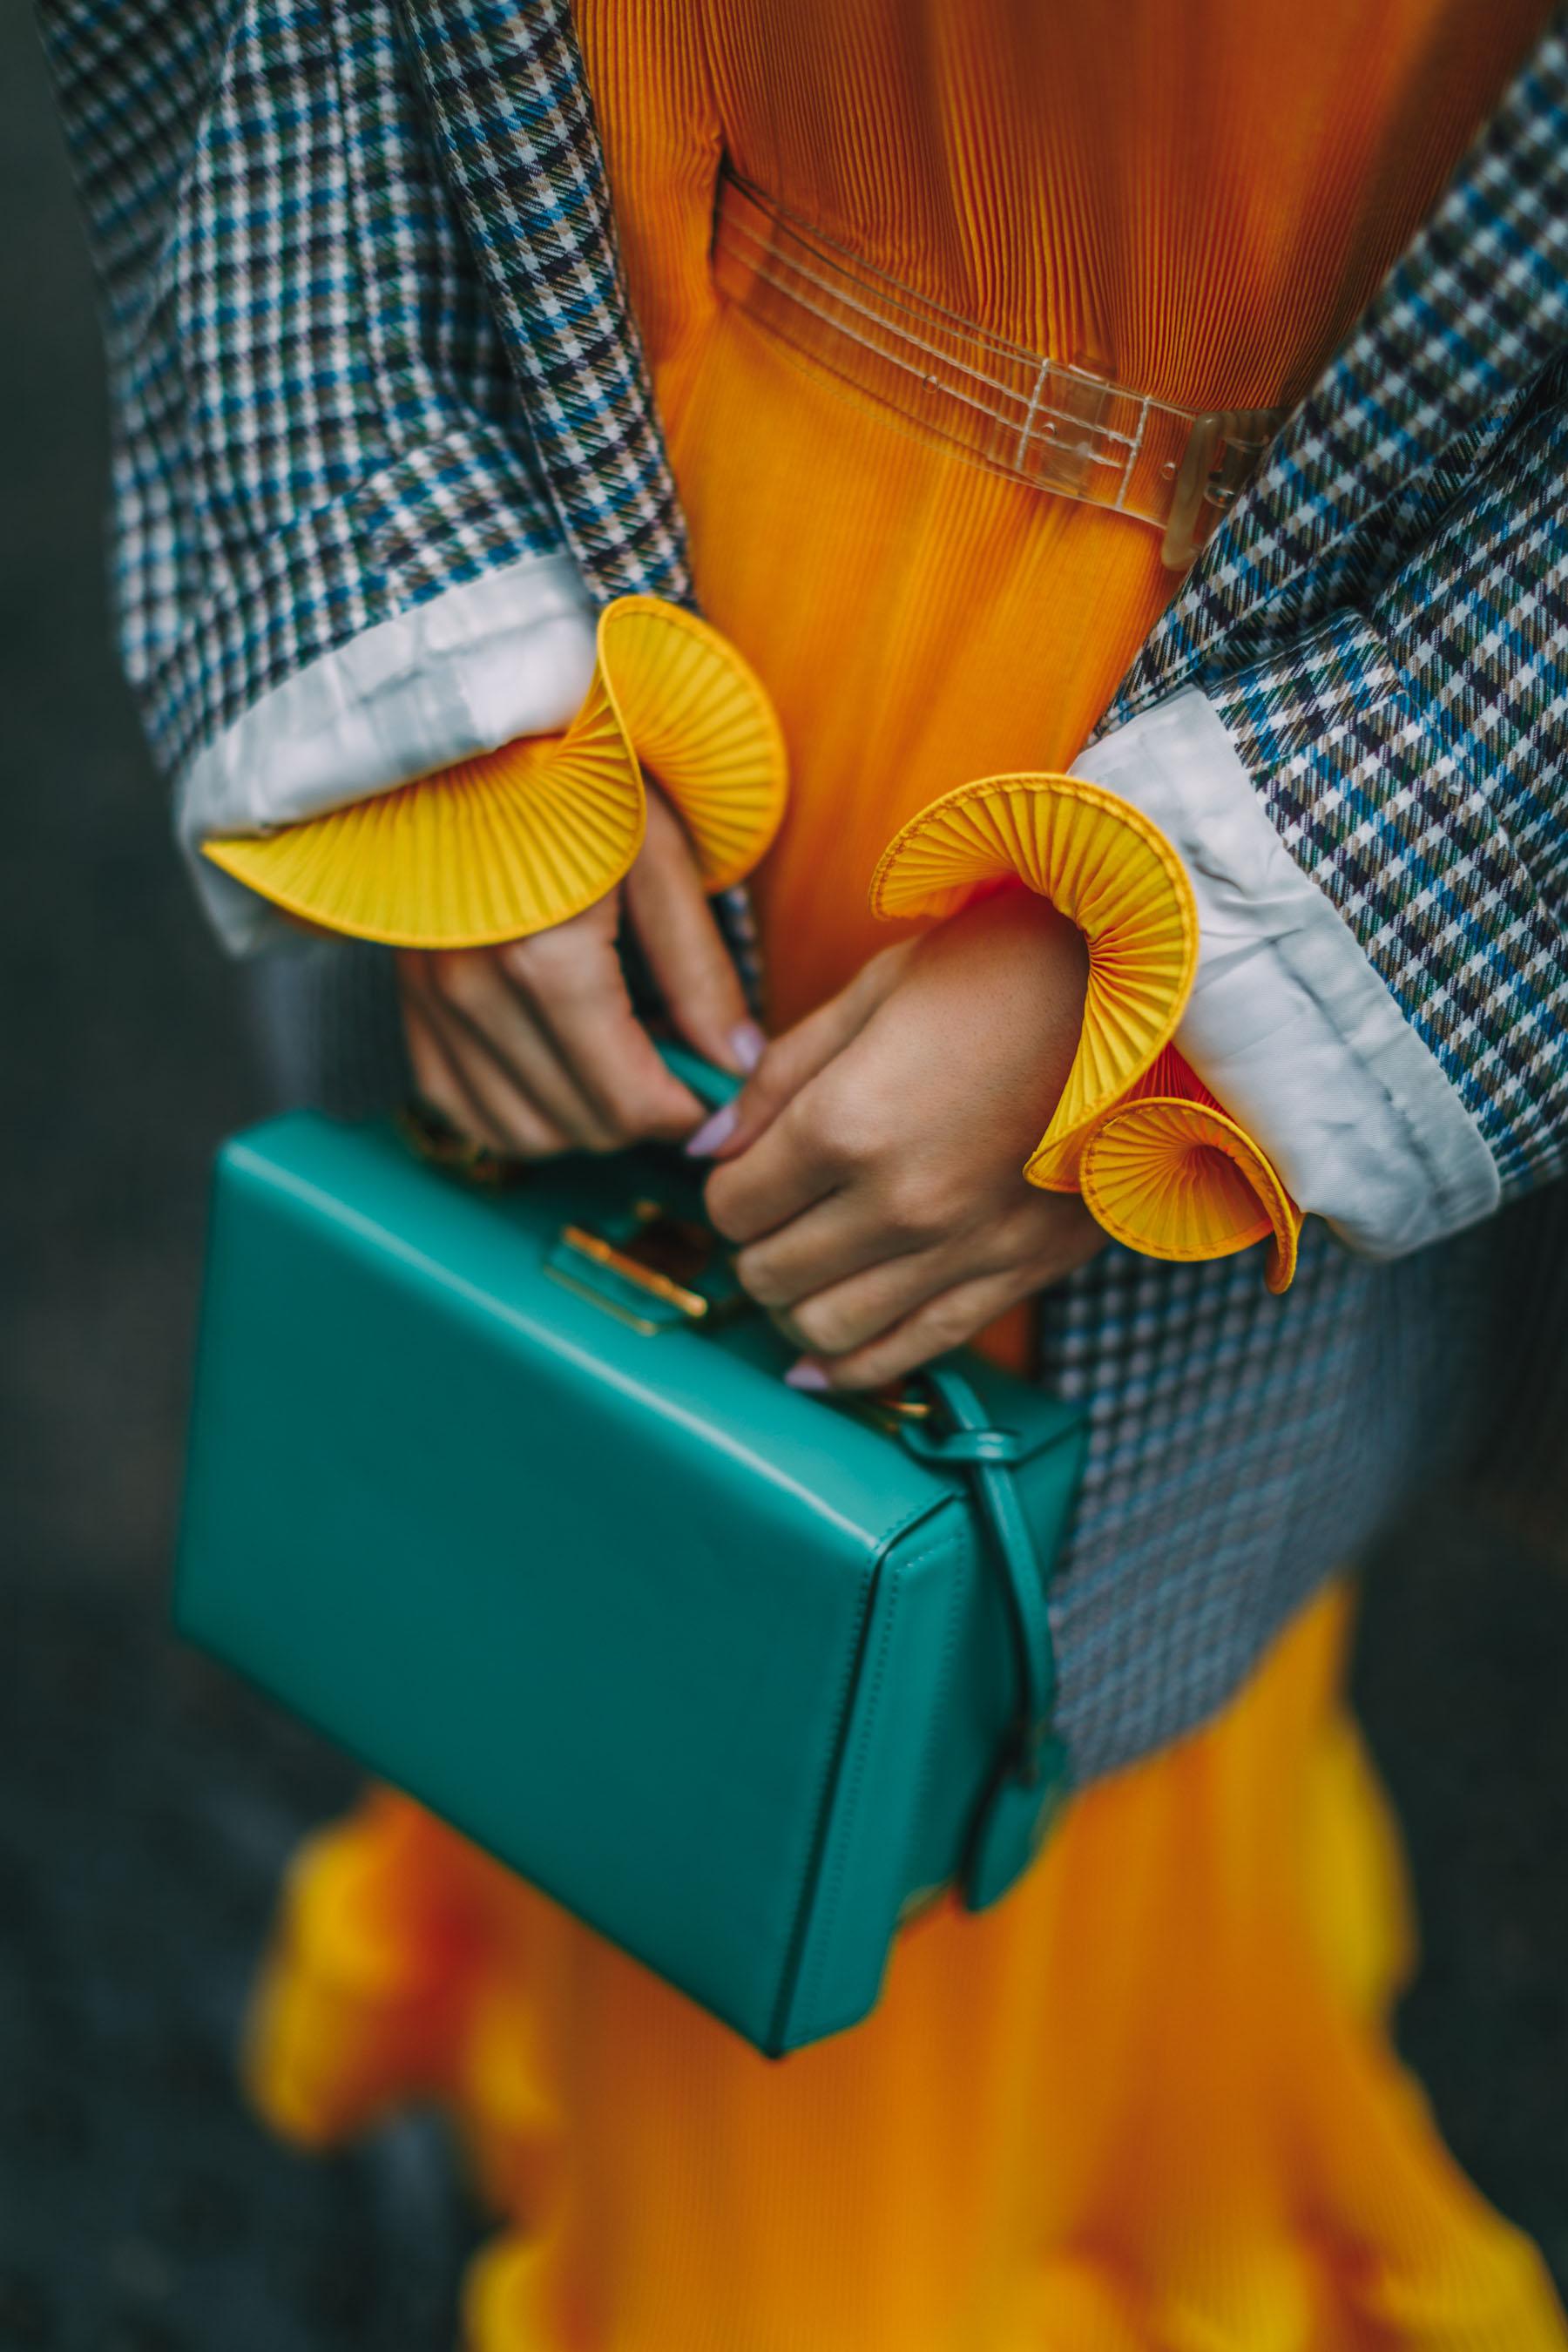 LFW Recap - Yellow pleated maxi dress, plaid blazer, lfw street style // Notjessfashion.com